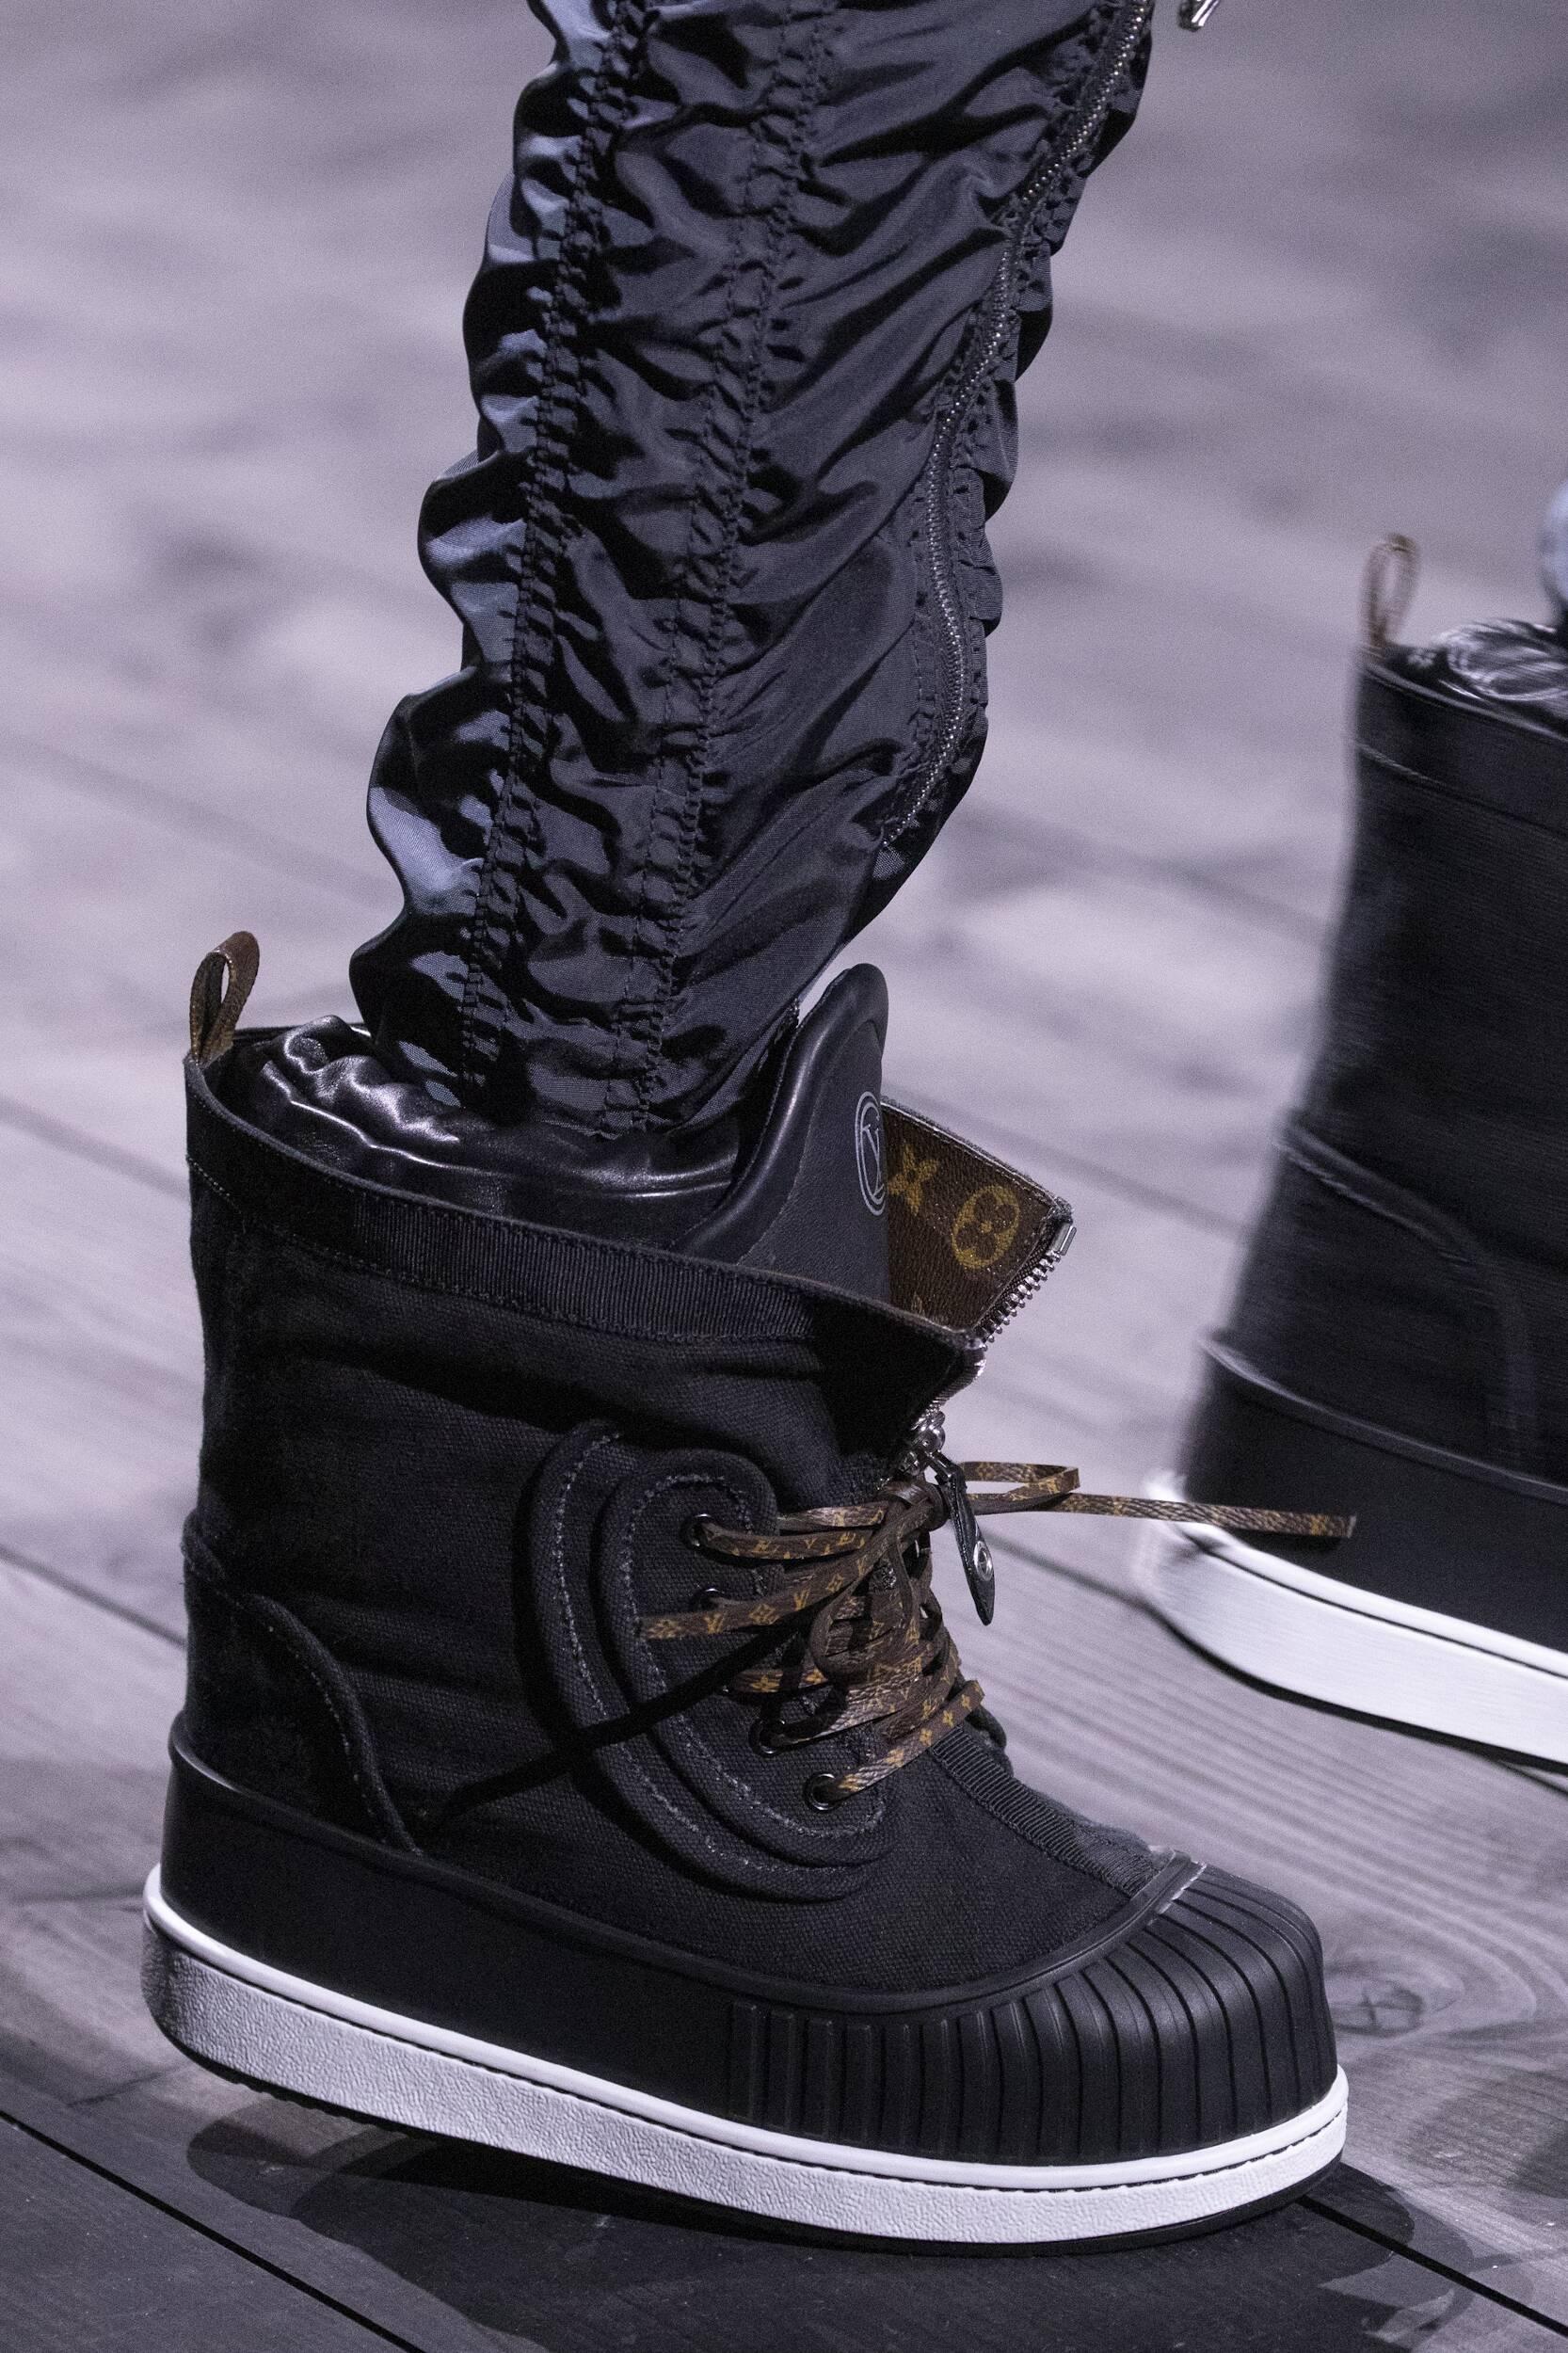 Detail Shoes Louis Vuitton